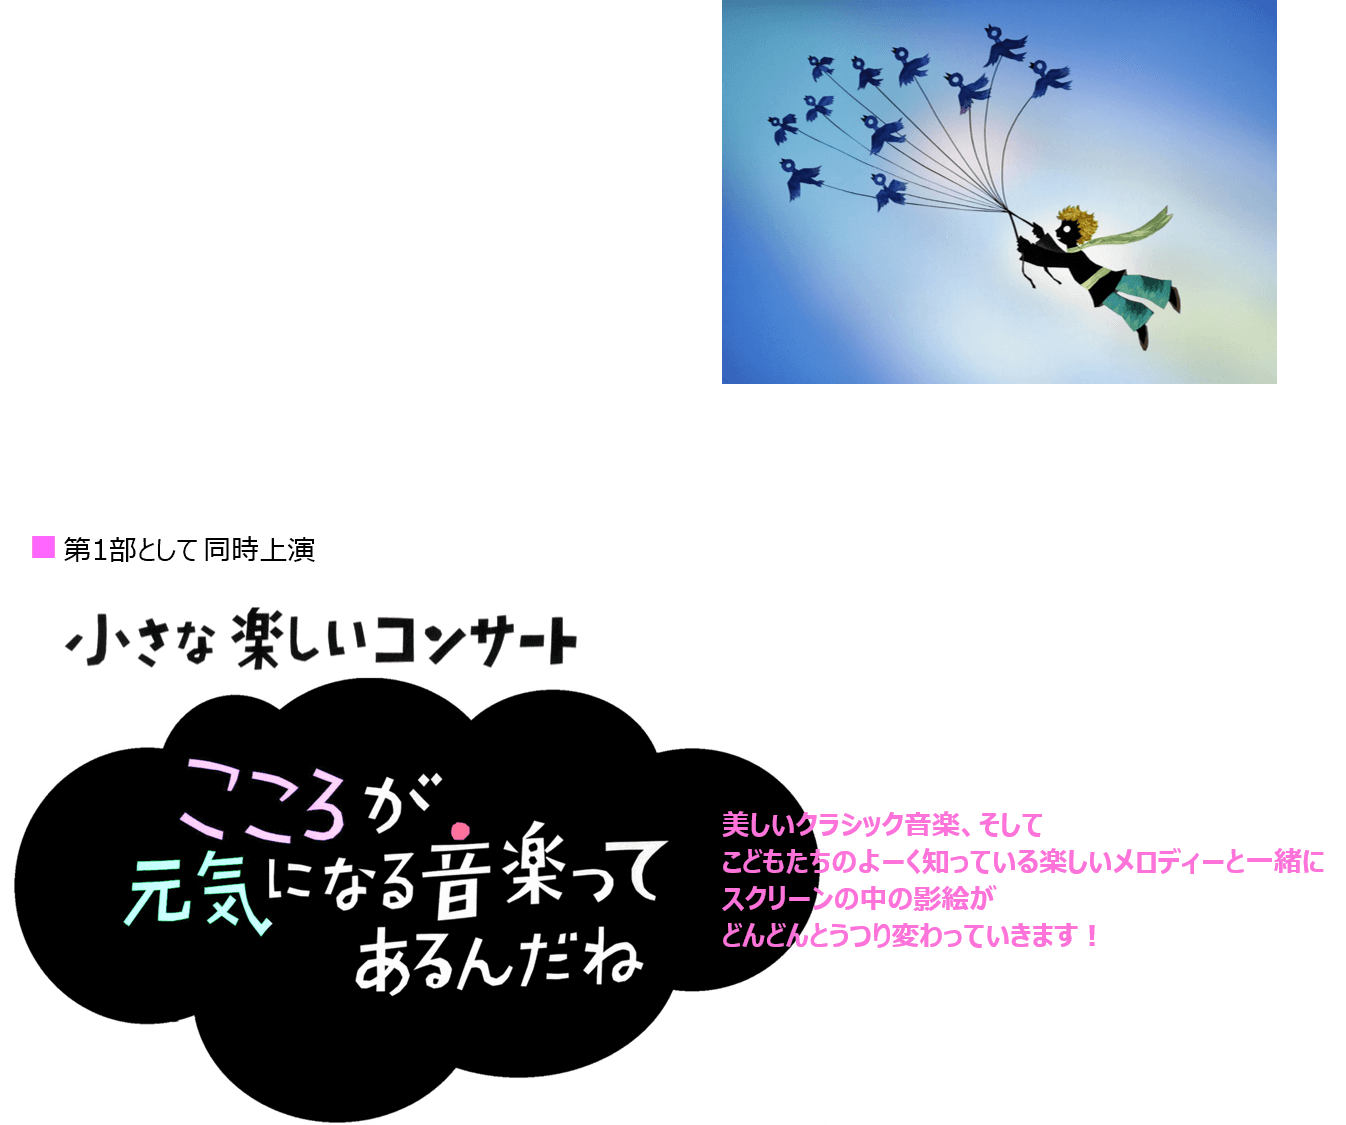 音楽鑑賞教室 星の王子さま 3 (1)